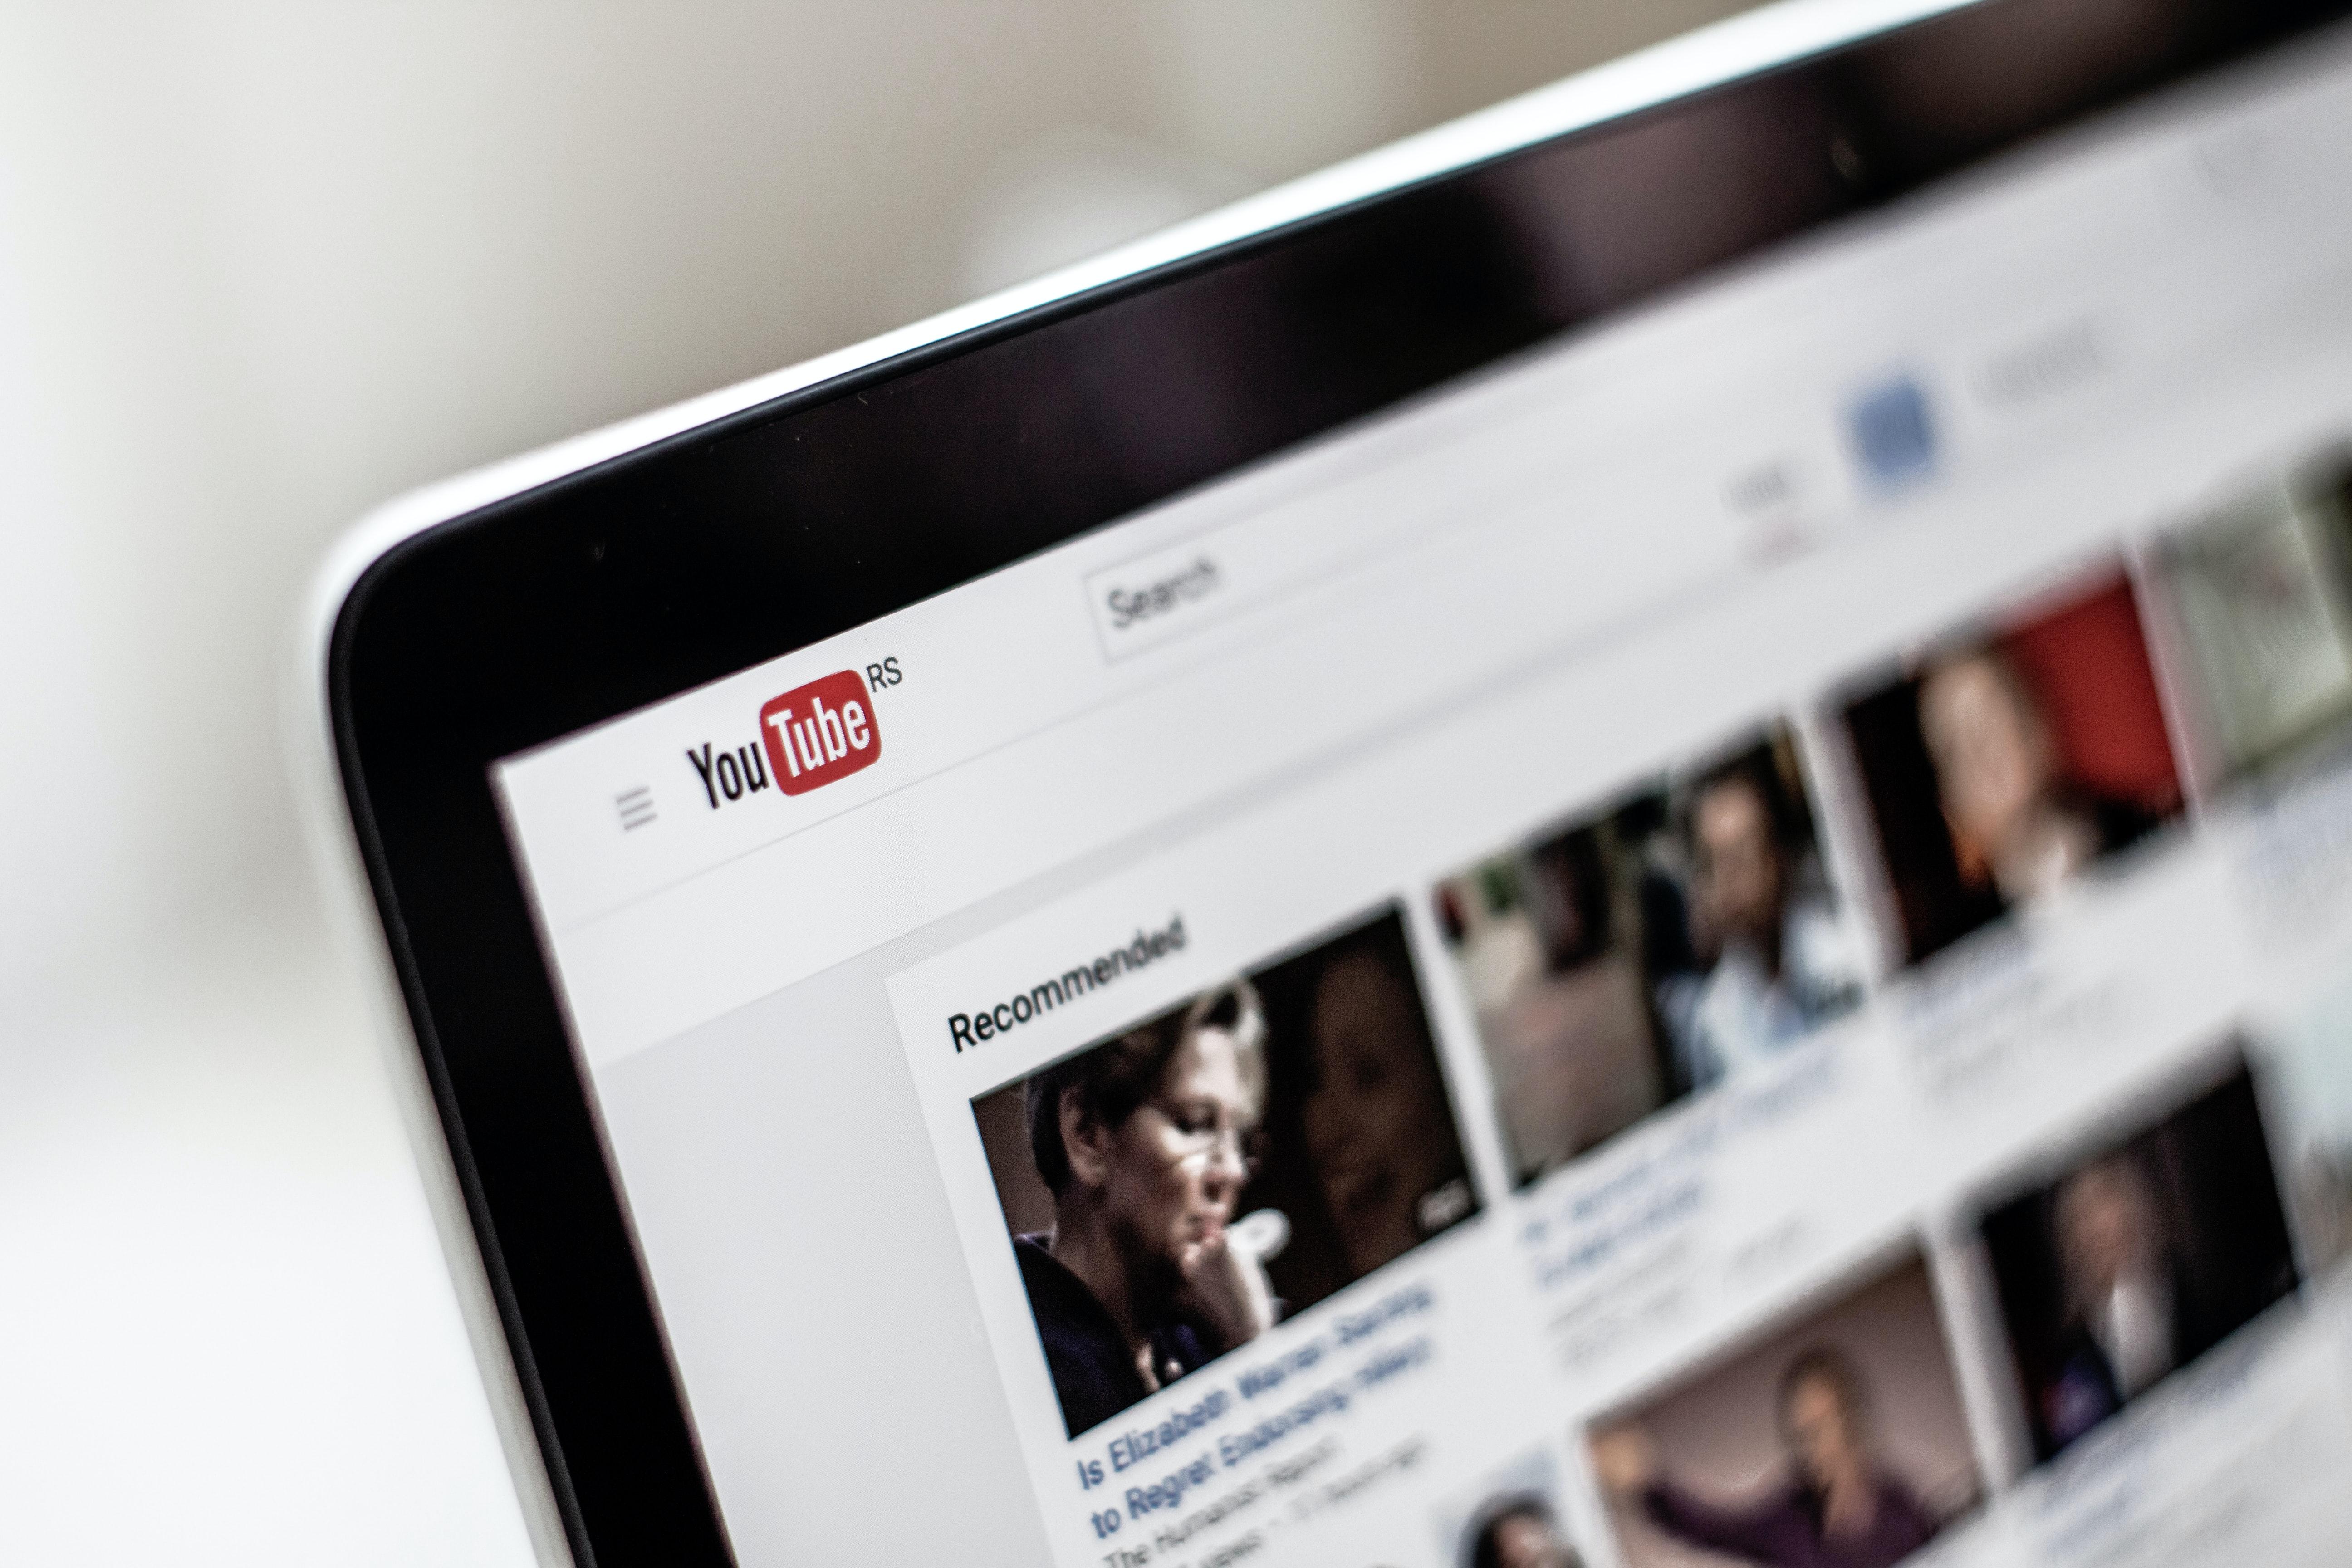 YouTube image from Unsplash - nordwood-themes-8LfE0Lywyak-unsplash